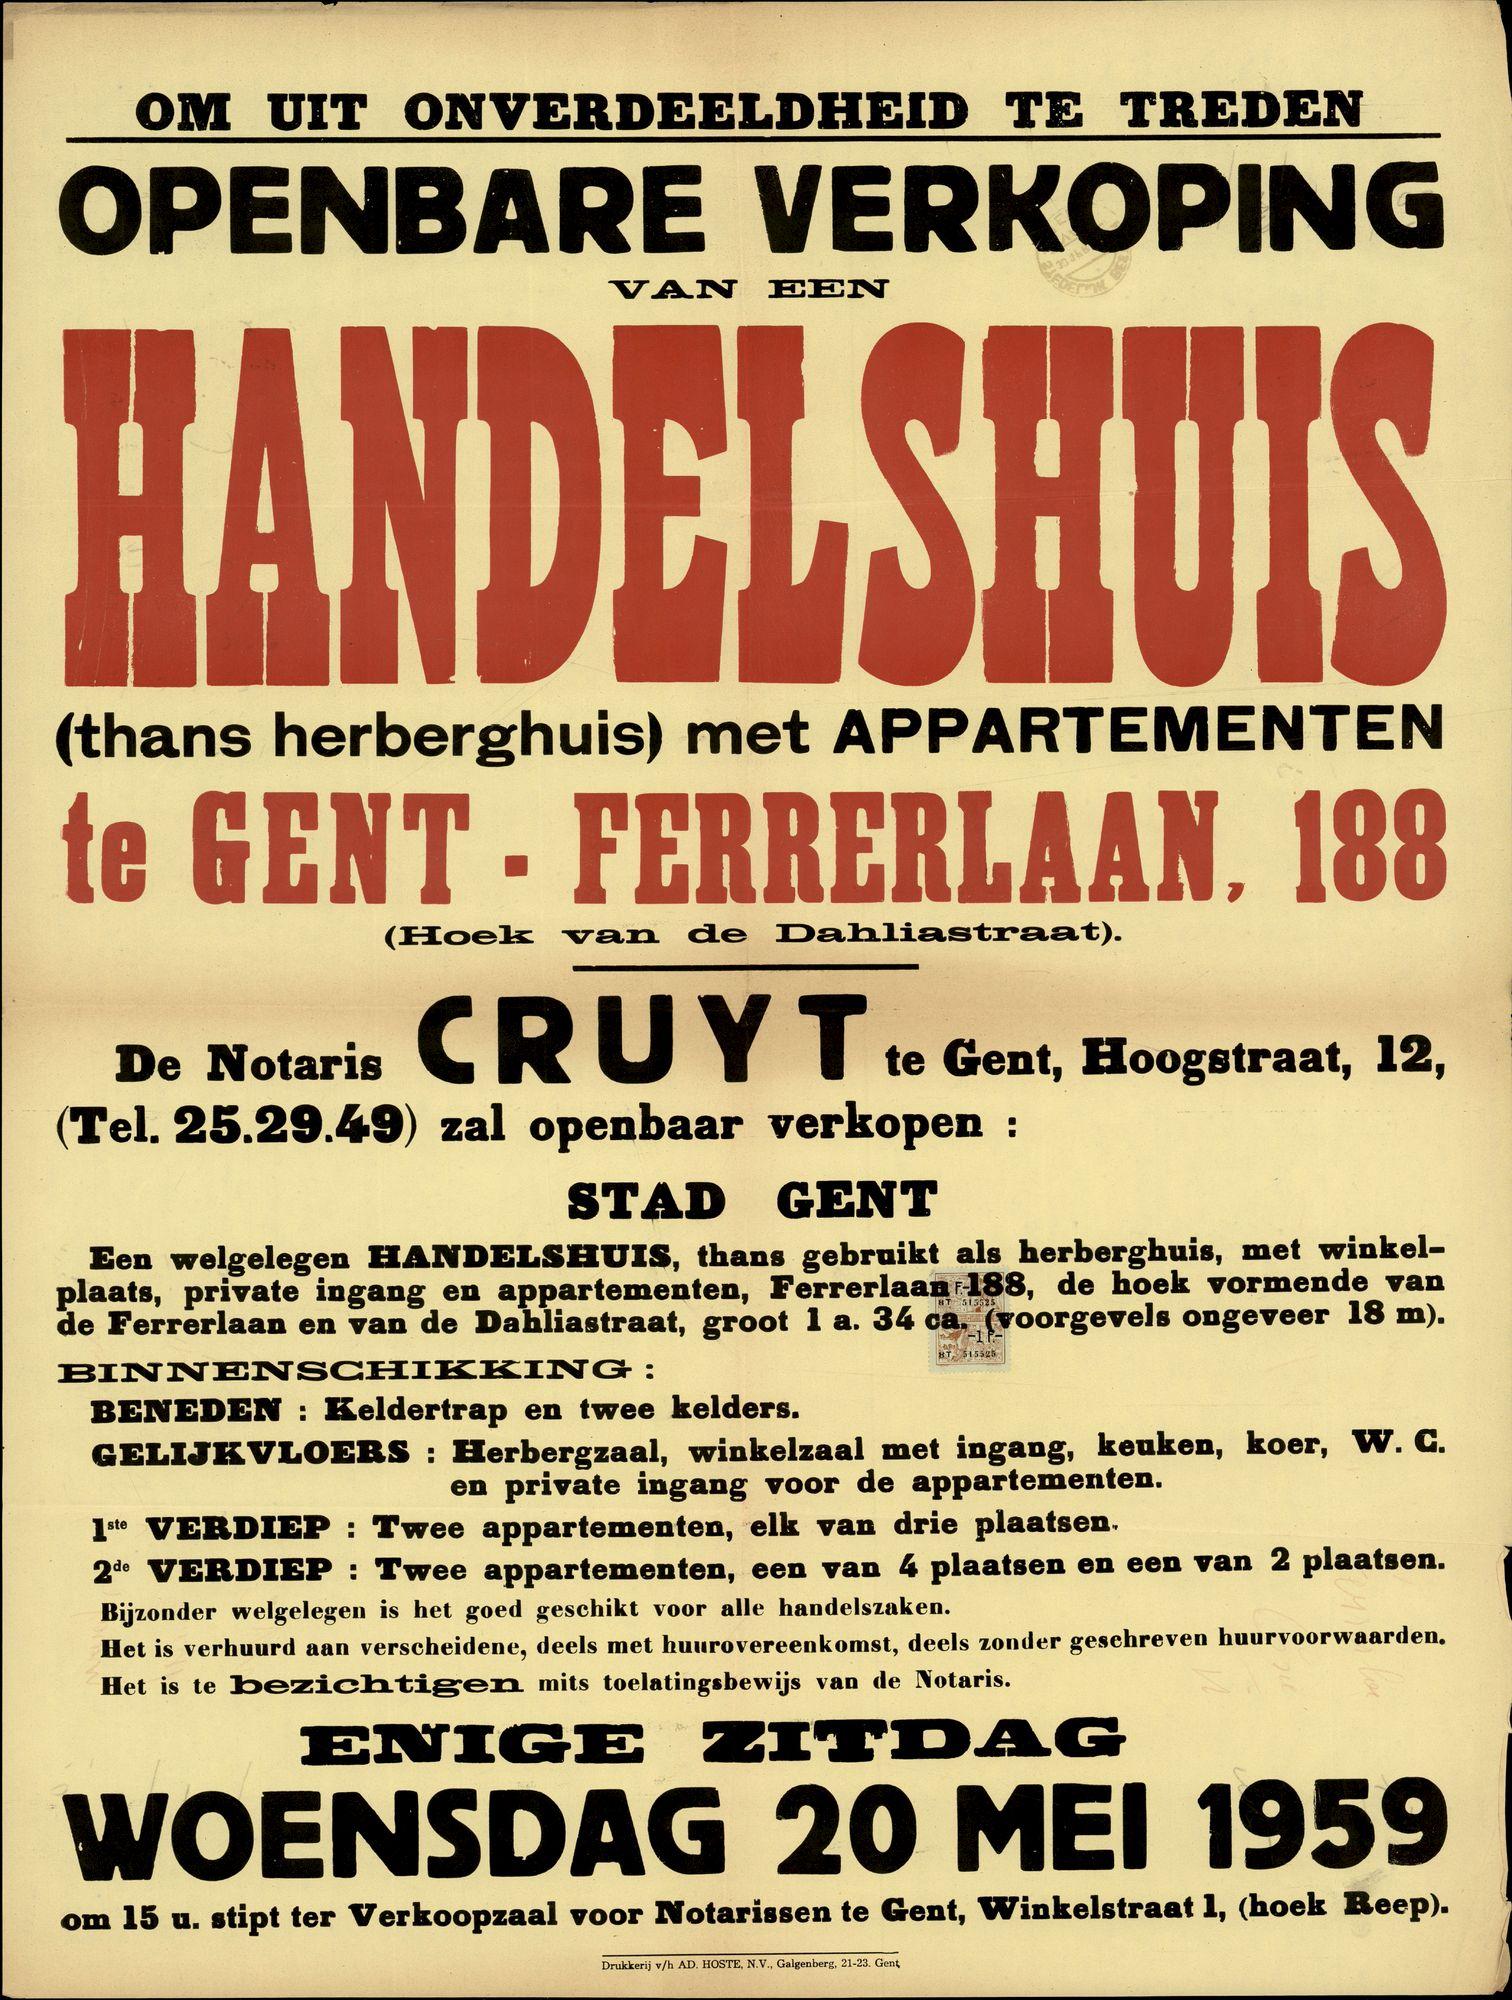 Openbare verkoop van een handelshuis (thans herberghuis) met appartementen te Gent, Ferrerlaan, nr.188, Gent, 20 mei 1959